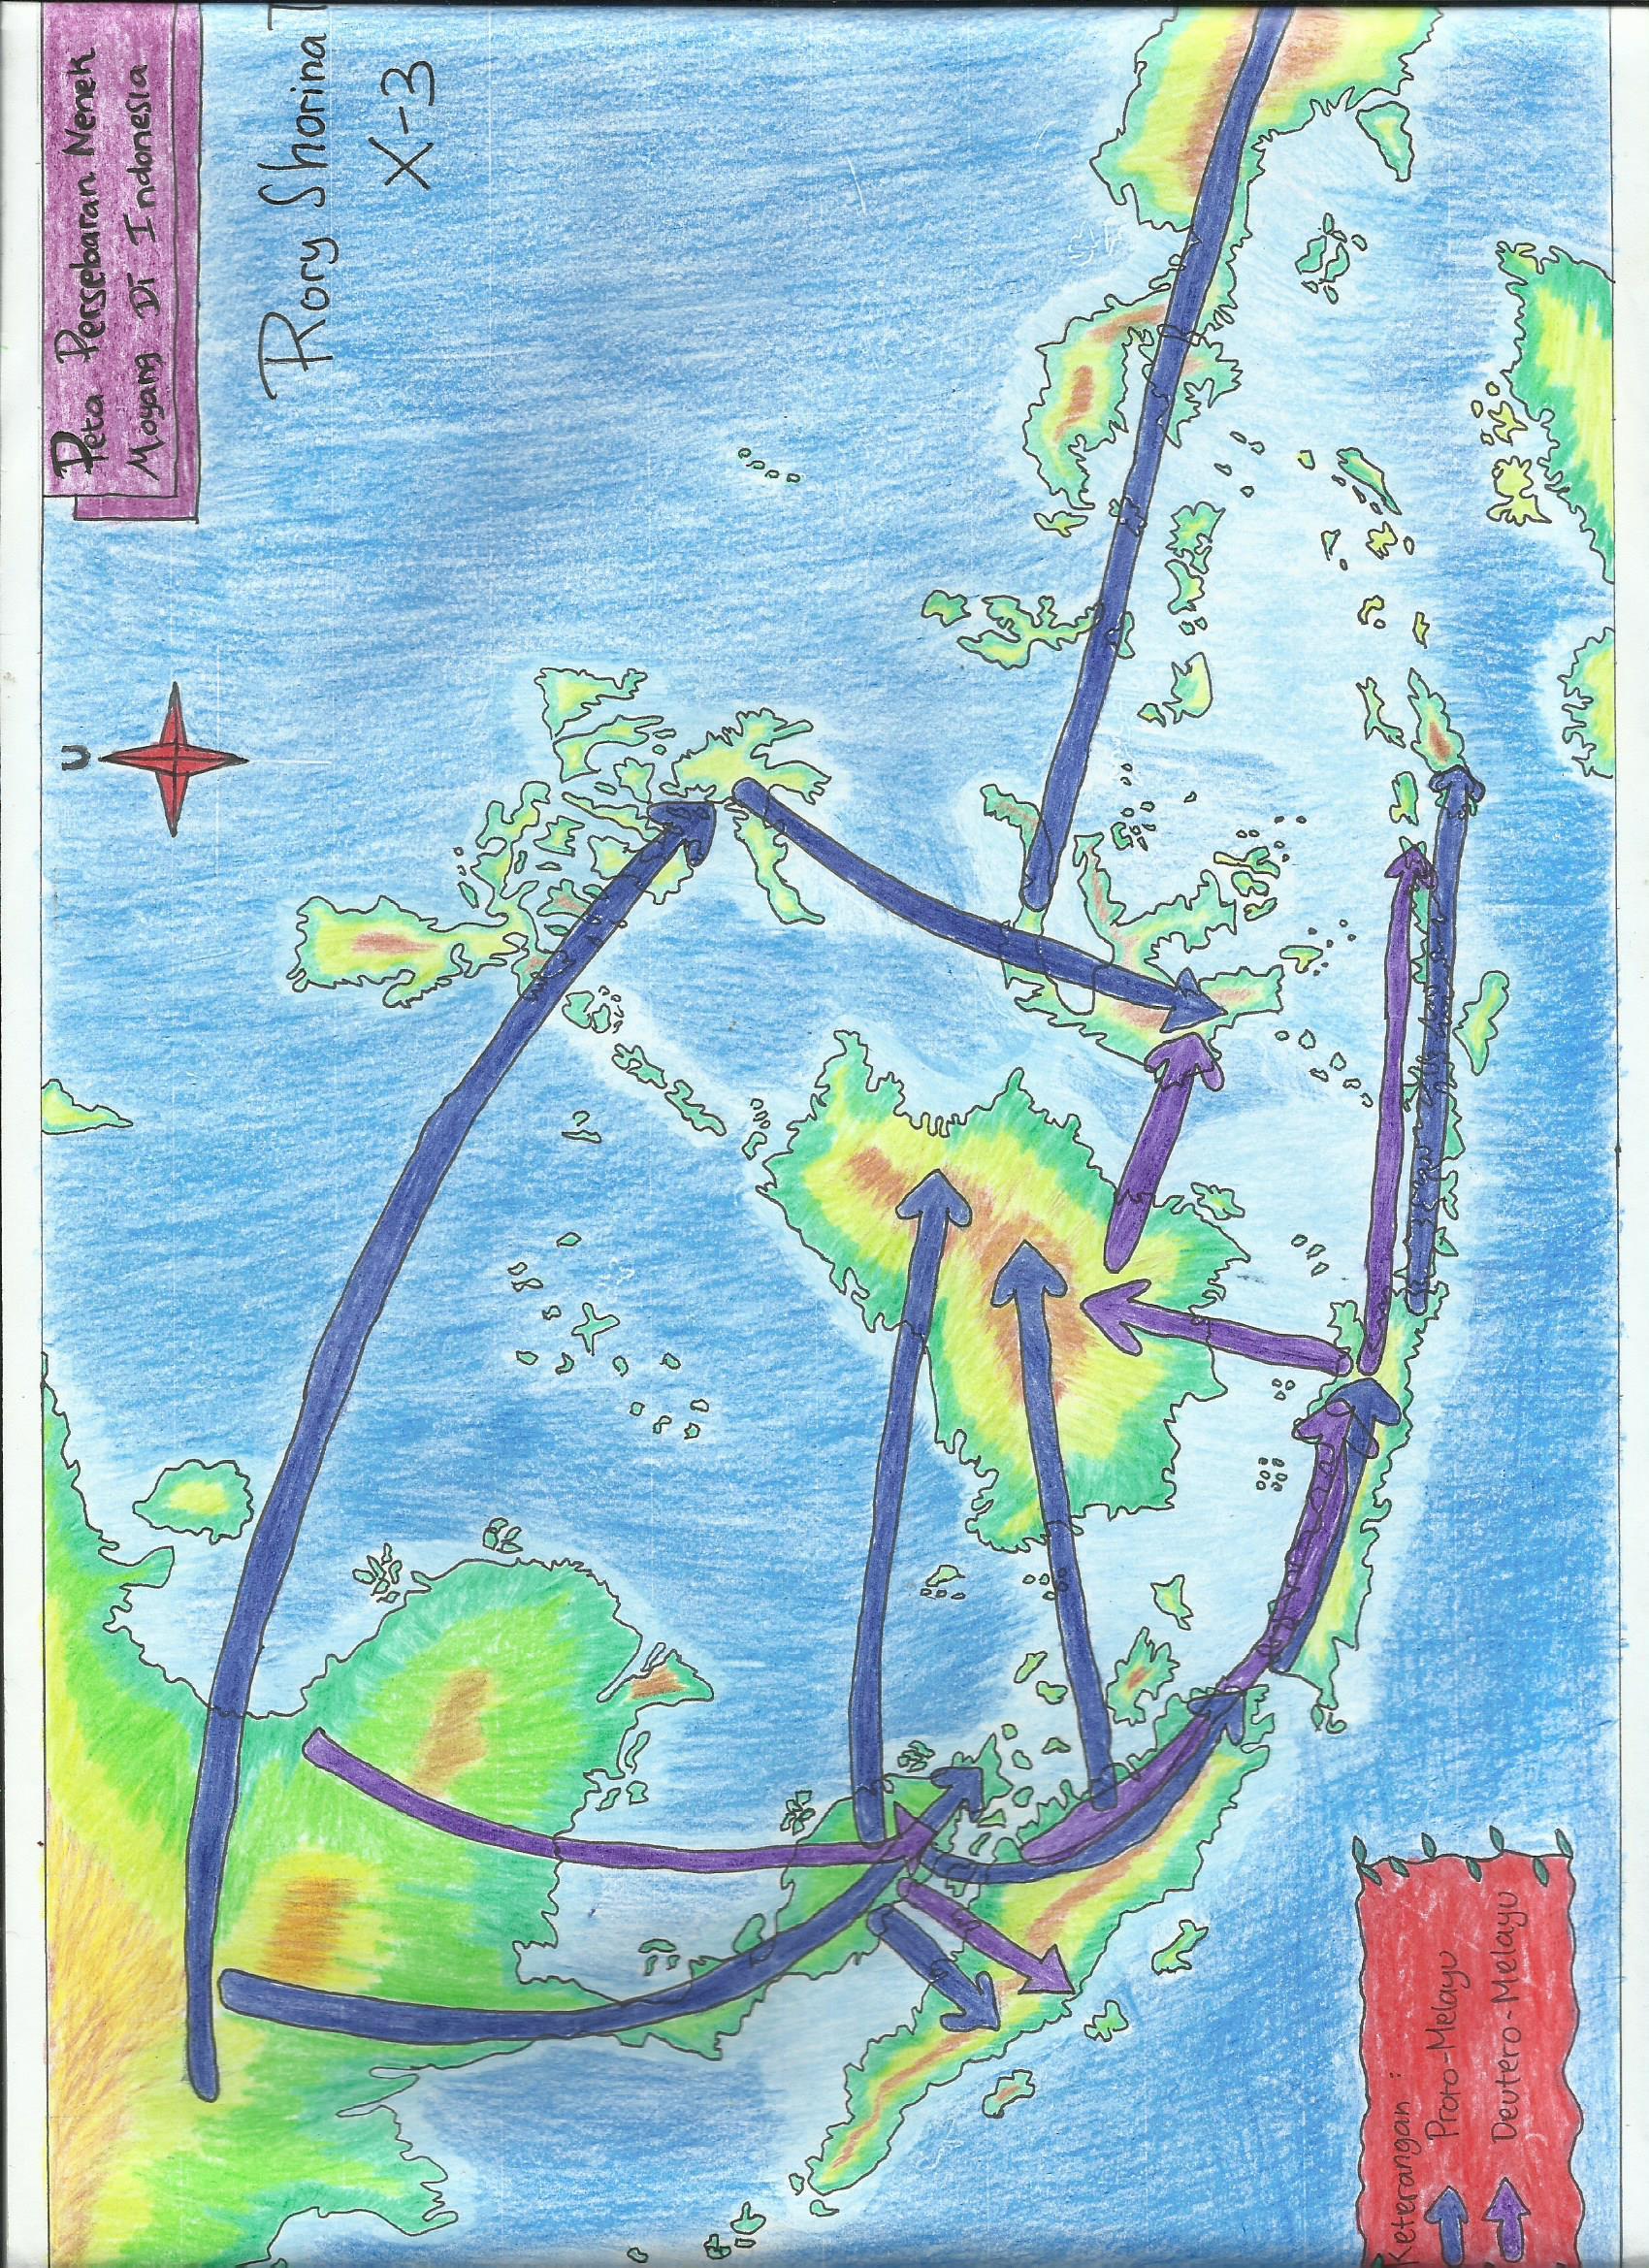 Peta Persebaran Nenek Moyang Bangsa Indonesia : persebaran, nenek, moyang, bangsa, indonesia, PERSEBARAN, NENEK, MOYANG, INDONESIA, Rorystl15